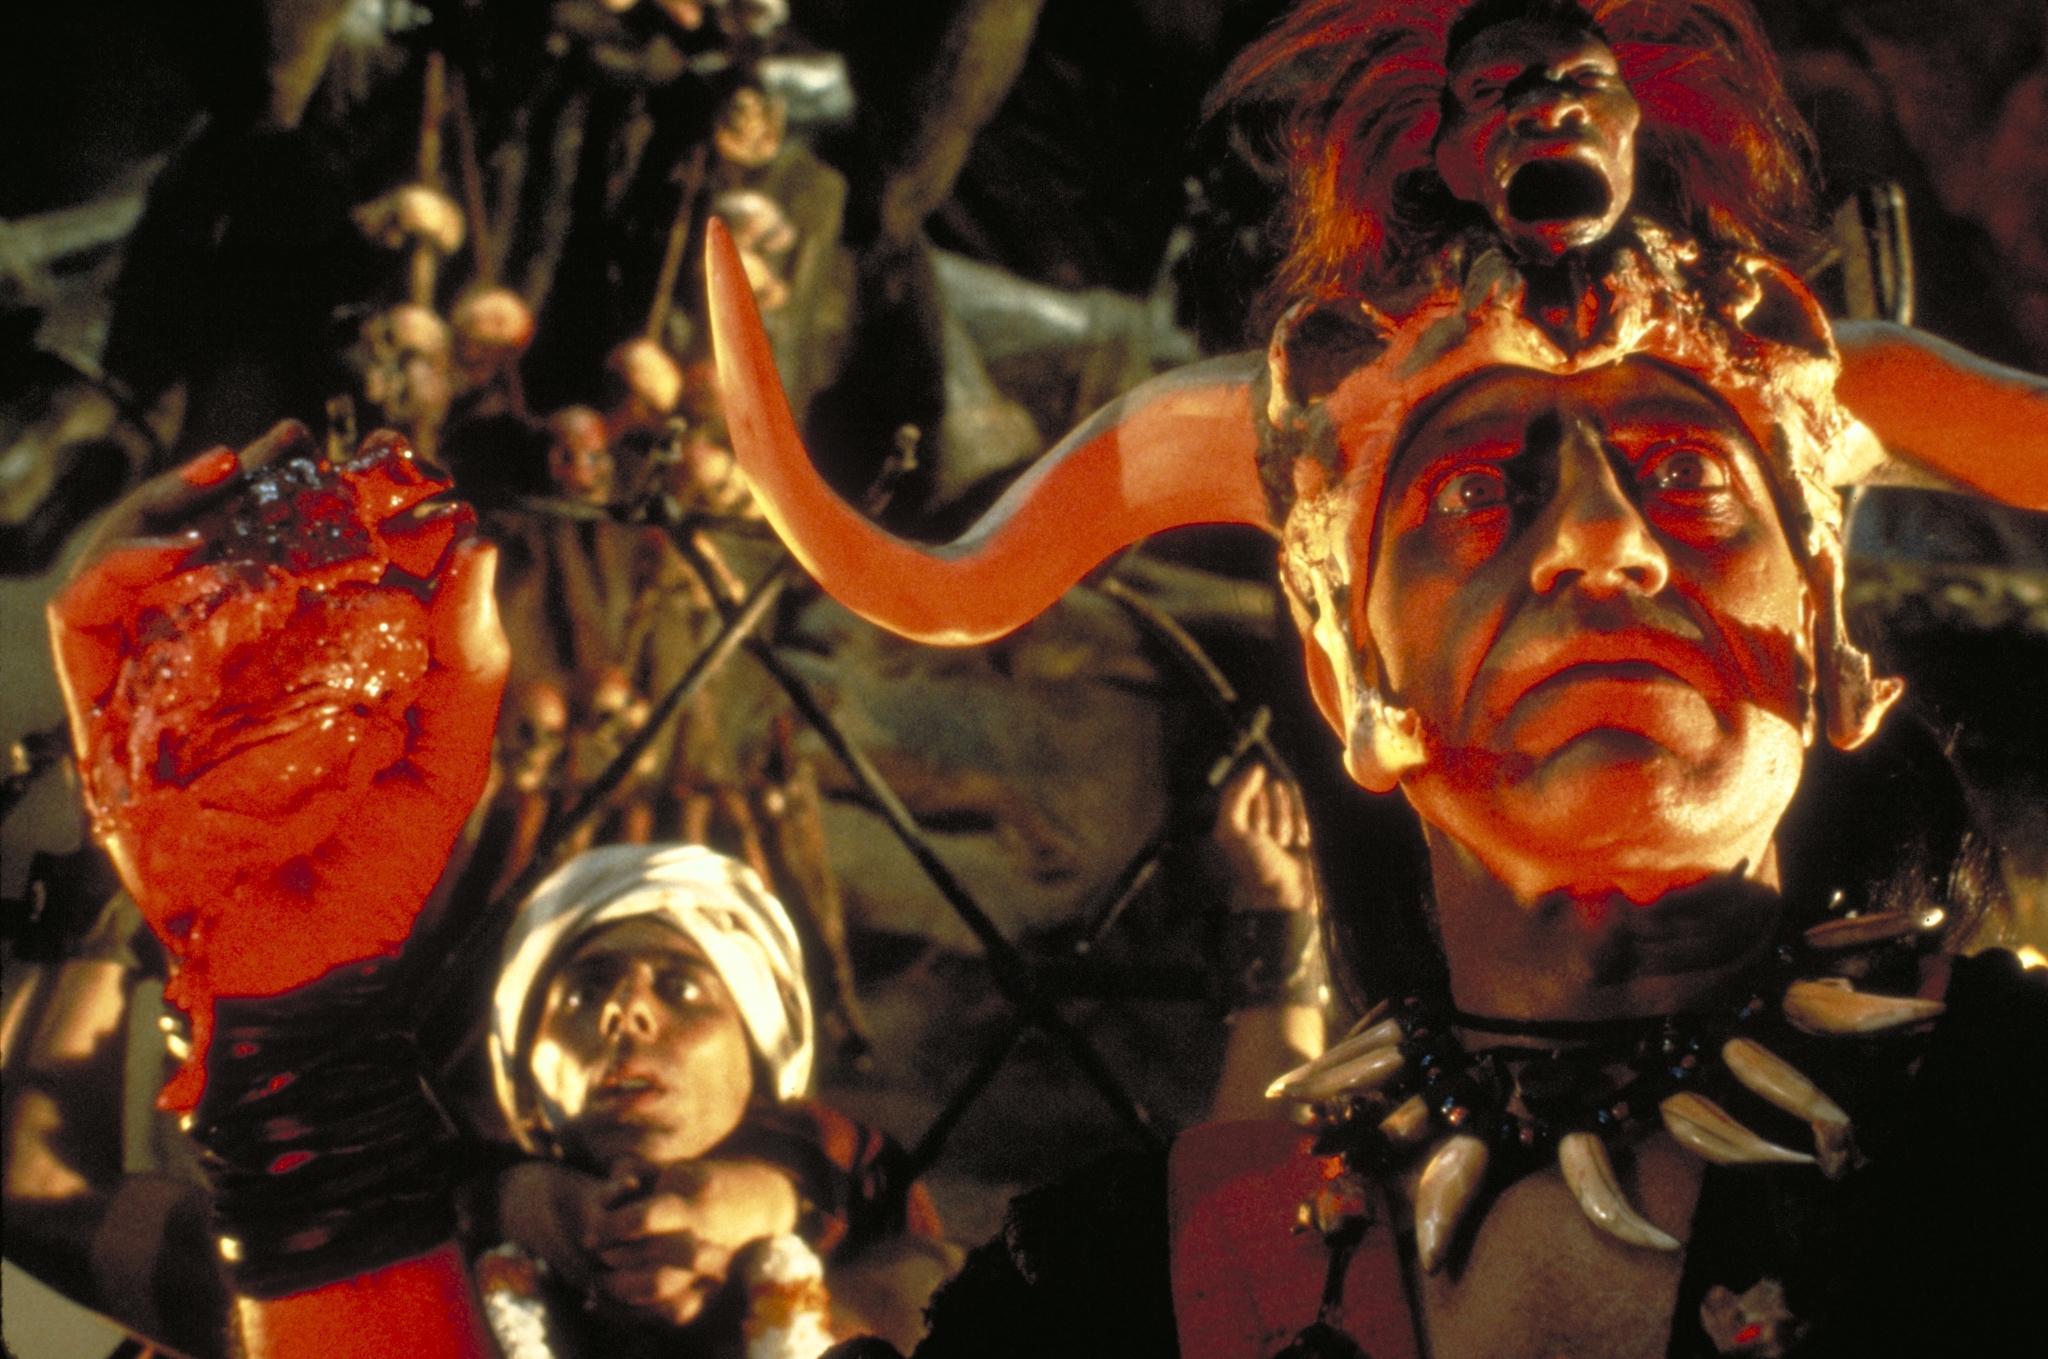 Indiana Jones et le temple maudit mercredi 2 septembre sur M6 : le film qui a fait naître le PG-13